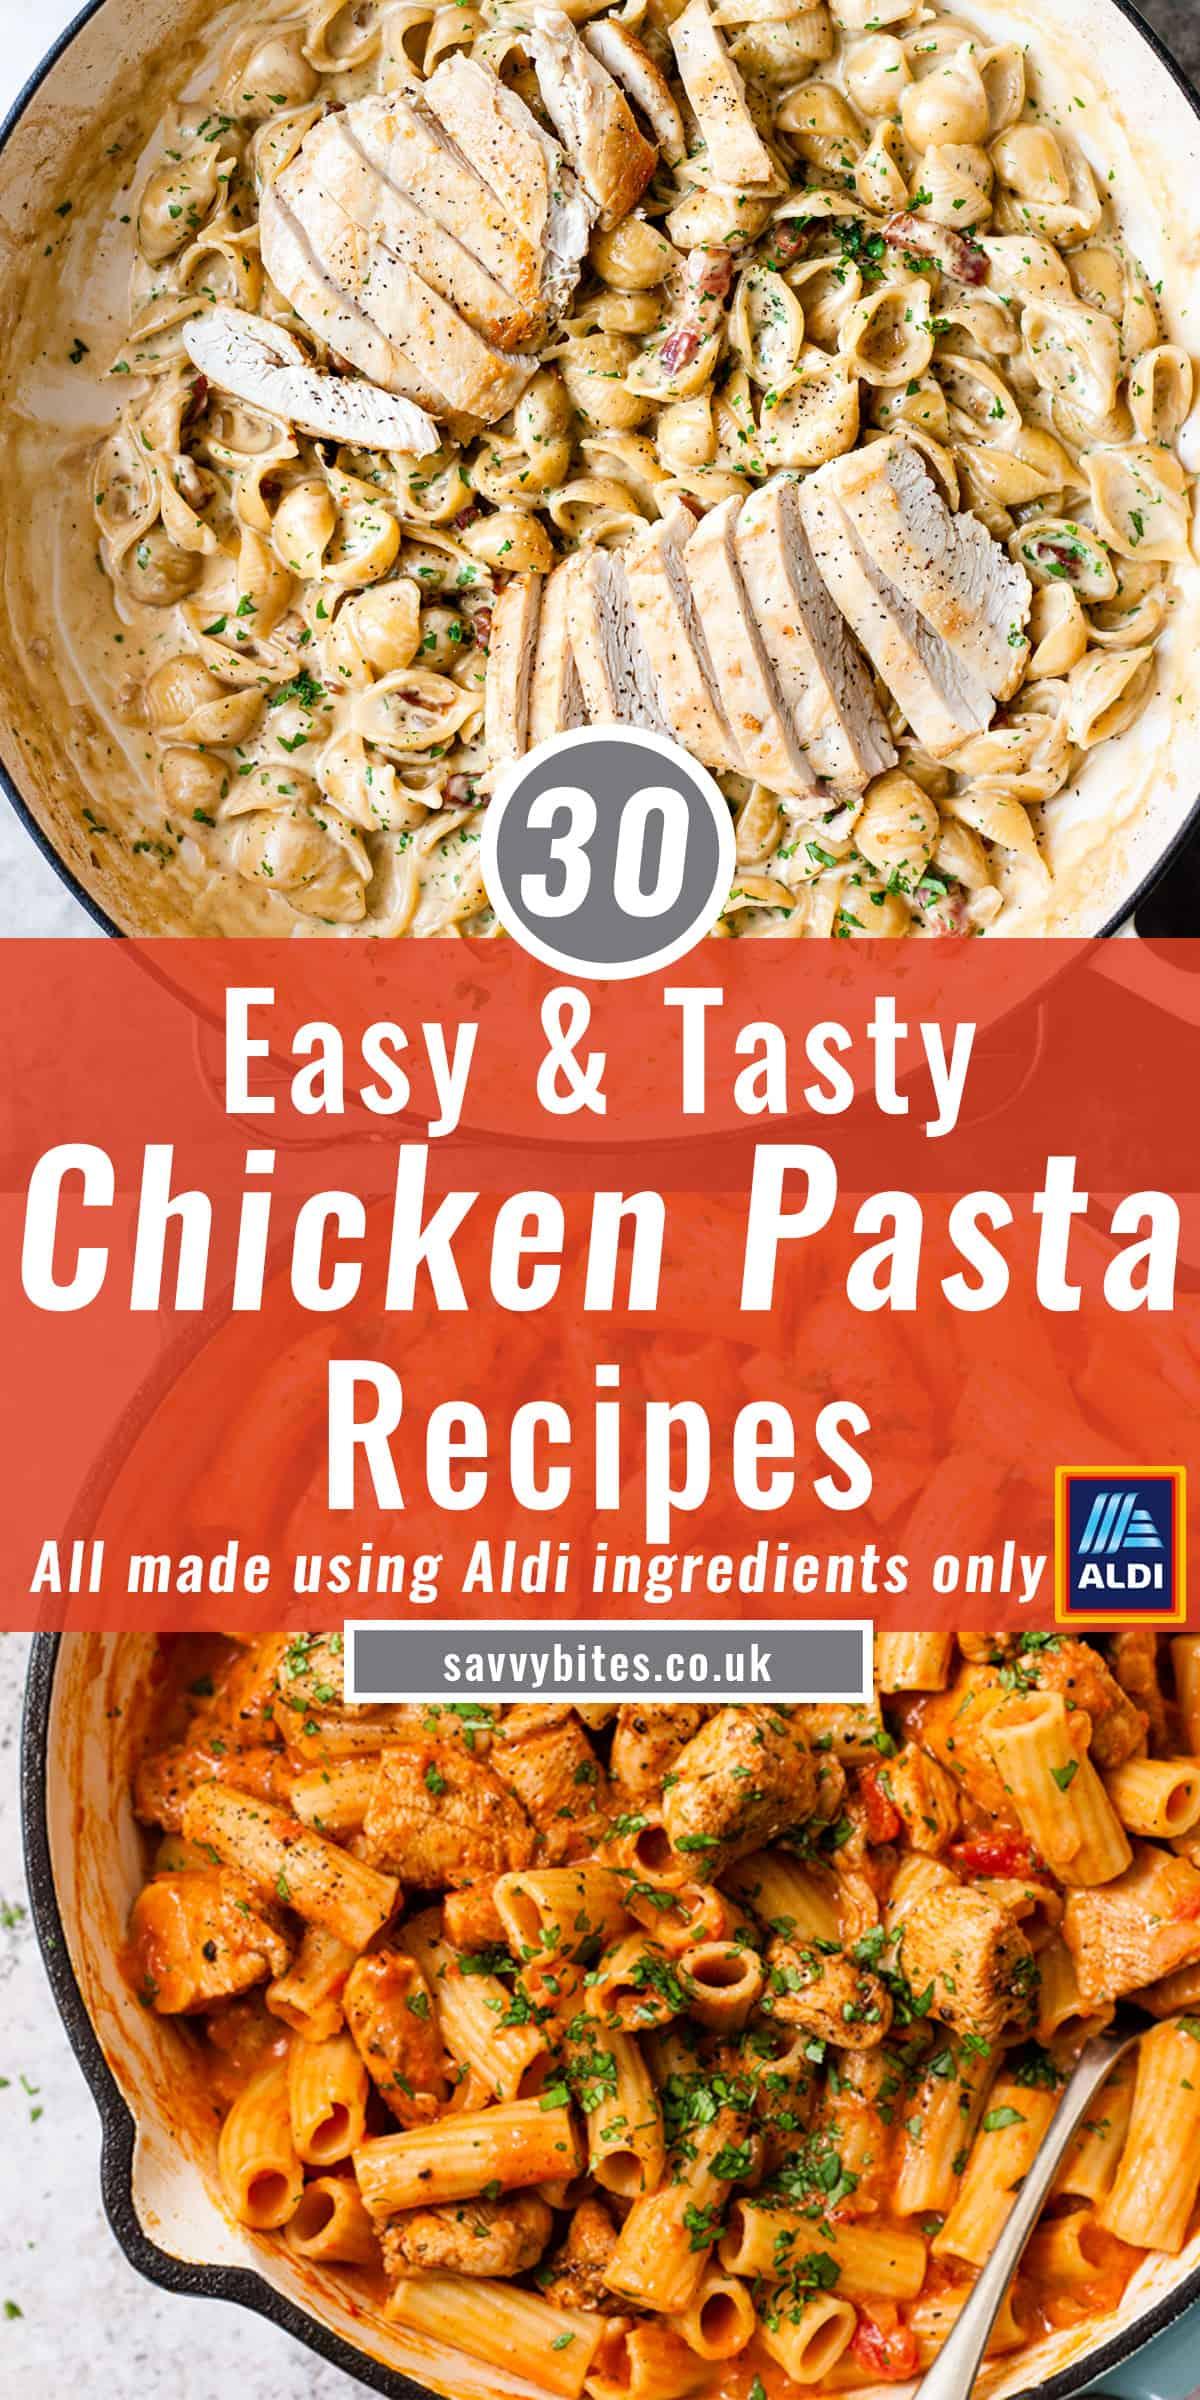 30 chicken pasta recipes from Aldi recipes